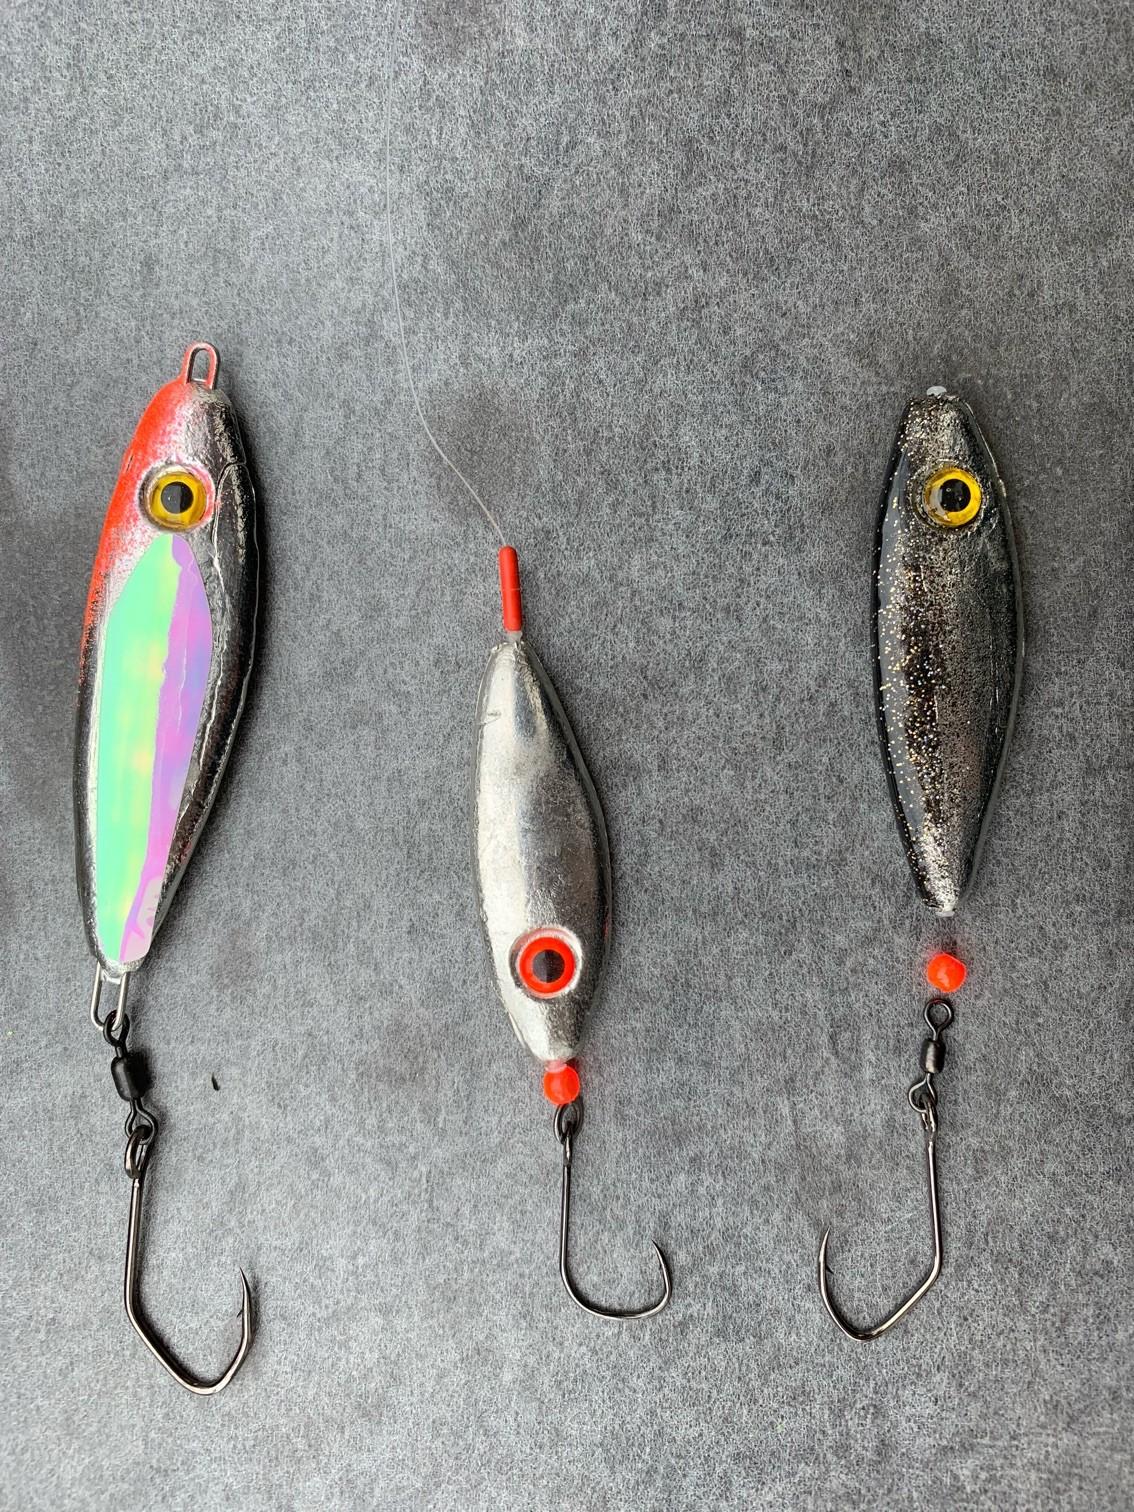 9 Neuer Köder für das Seeforellenfischen im Freiwasser